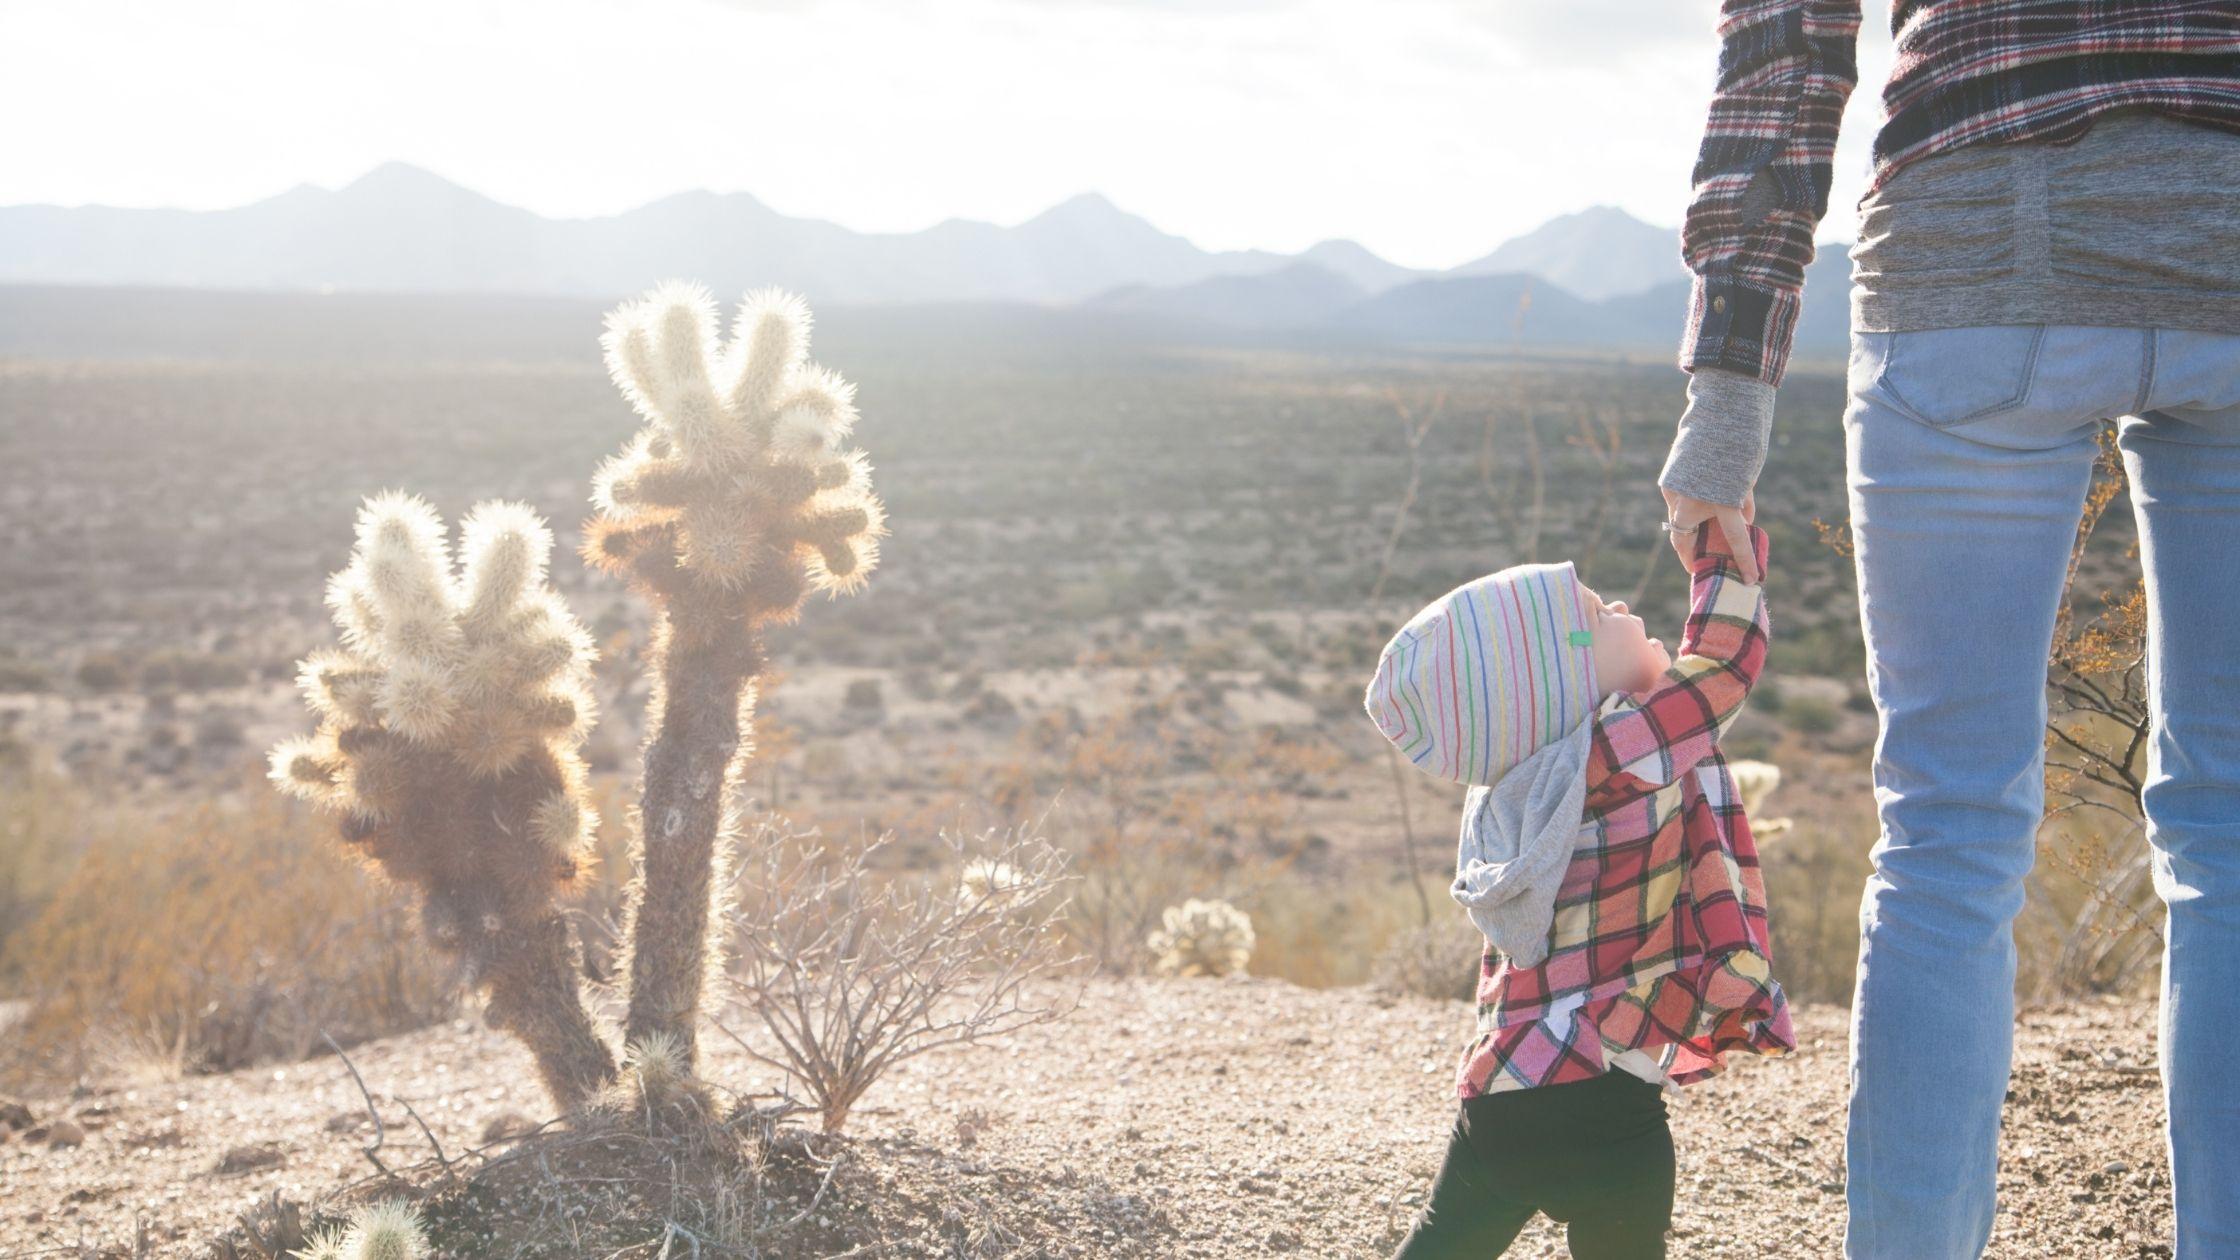 niño-de-la-mano-con-su-papá-en-un-paisaje